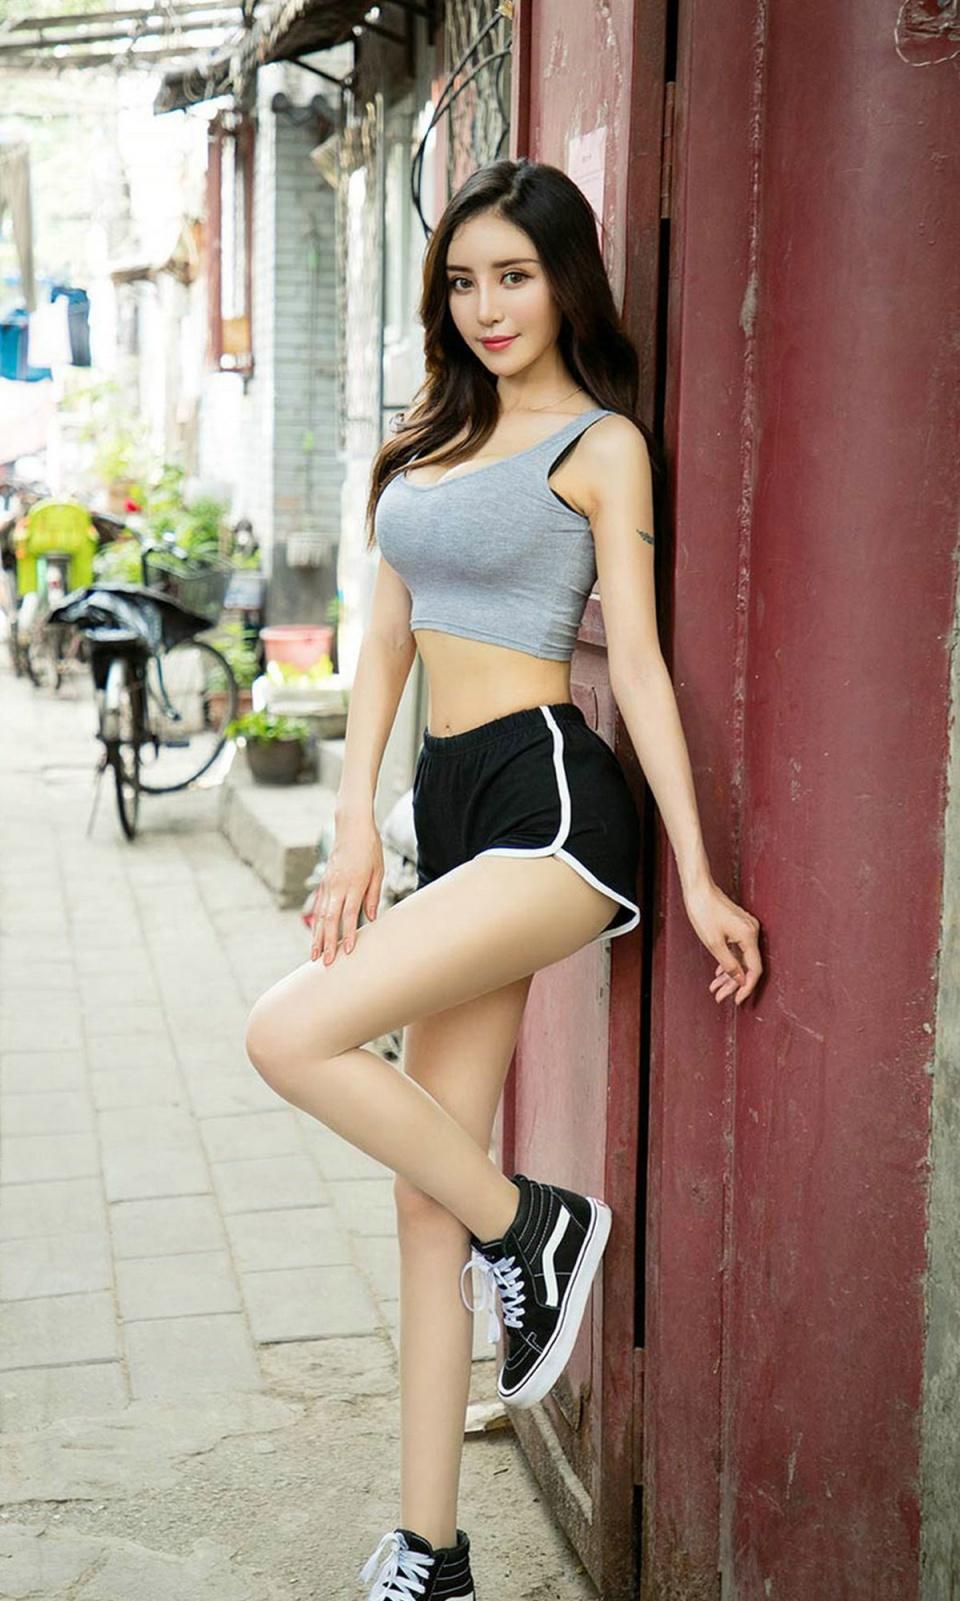 极品少妇被草_街拍:极品热裤美女,赚足了回头率!